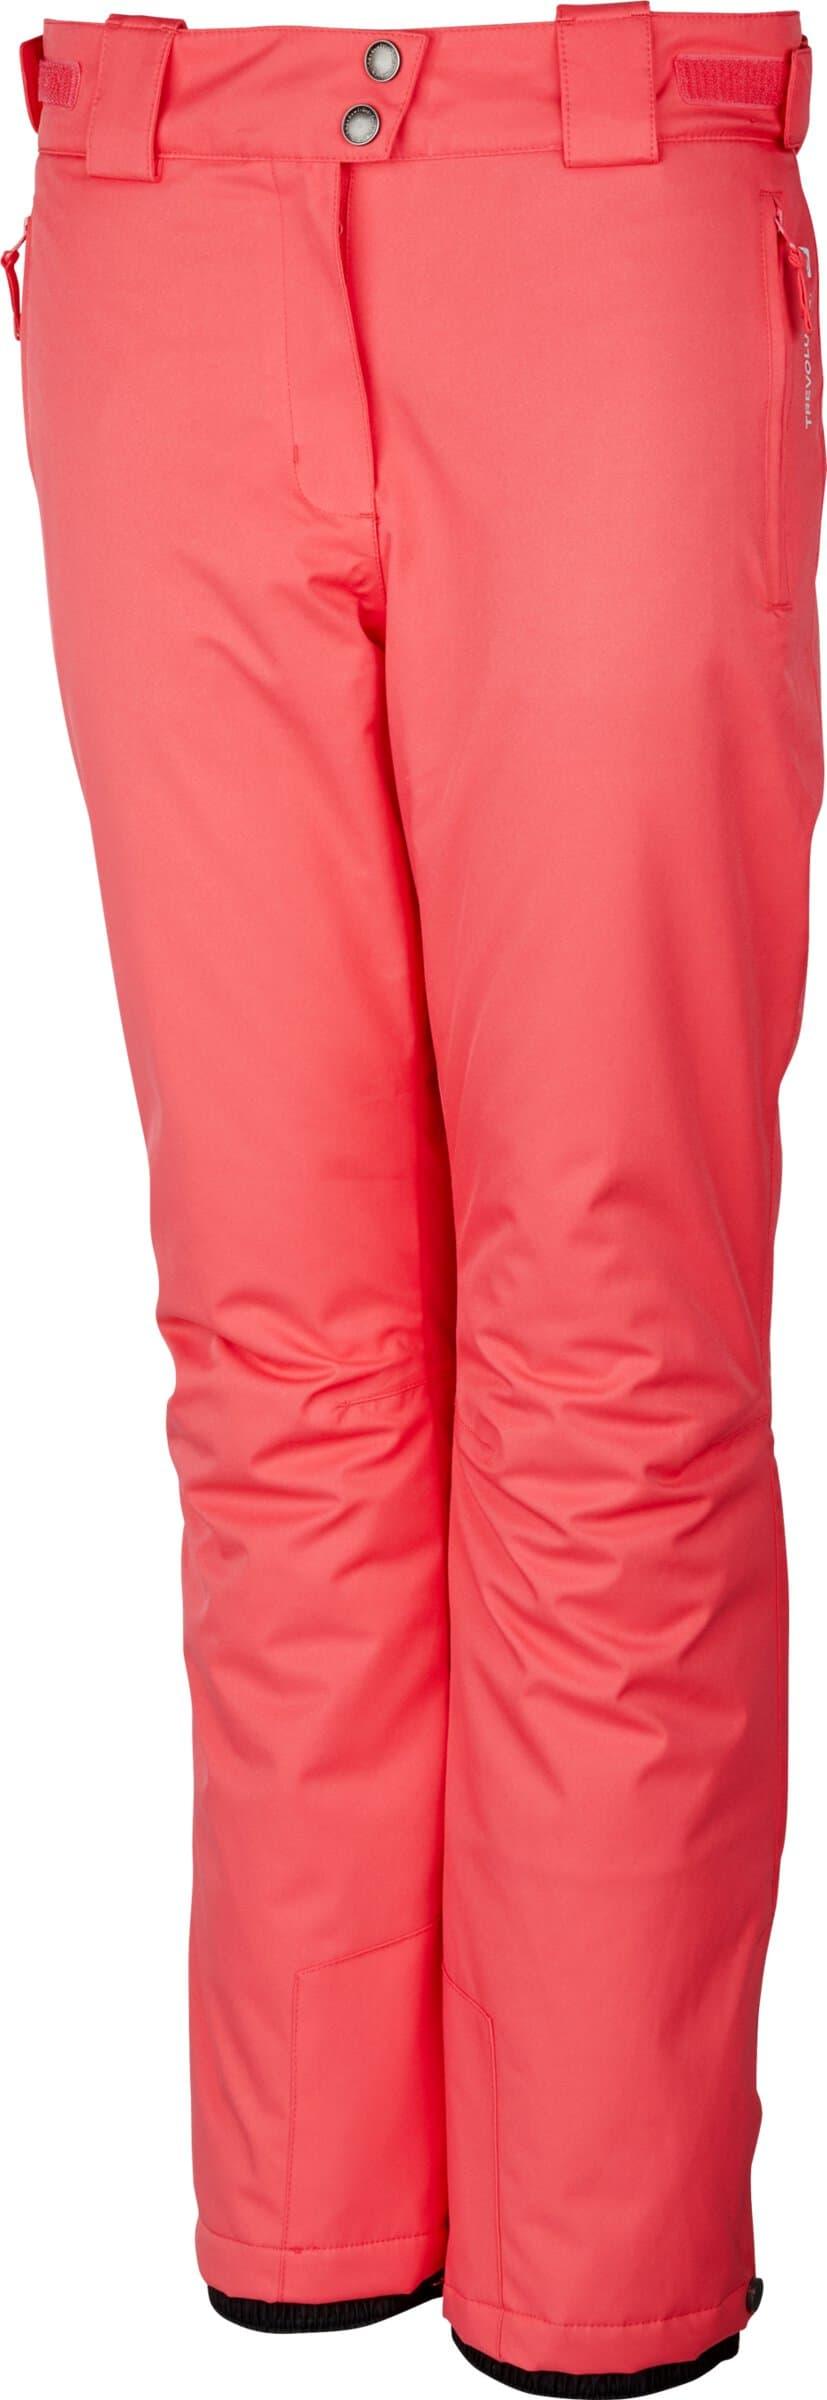 Trevolution Pantalon de ski coupé court pour femme